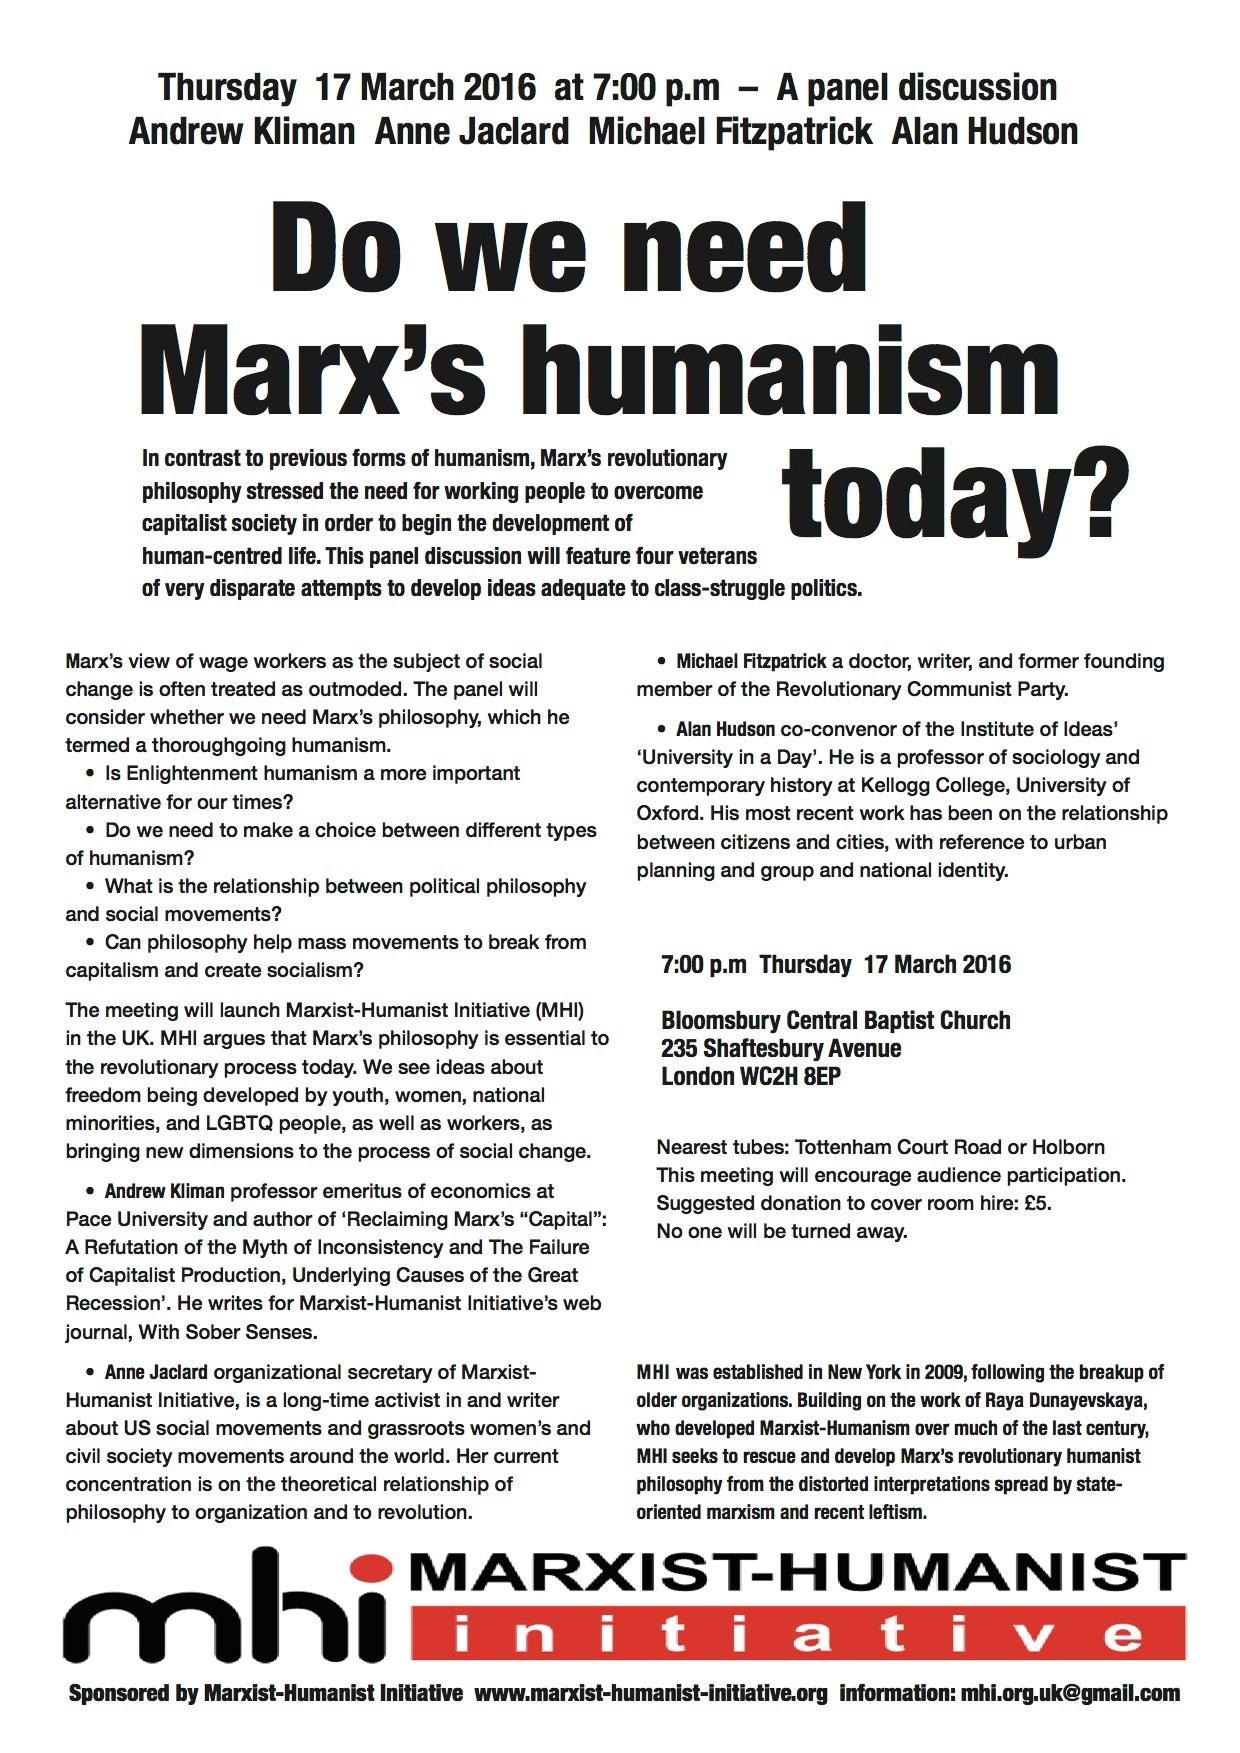 humanism-mtg.-2-flier